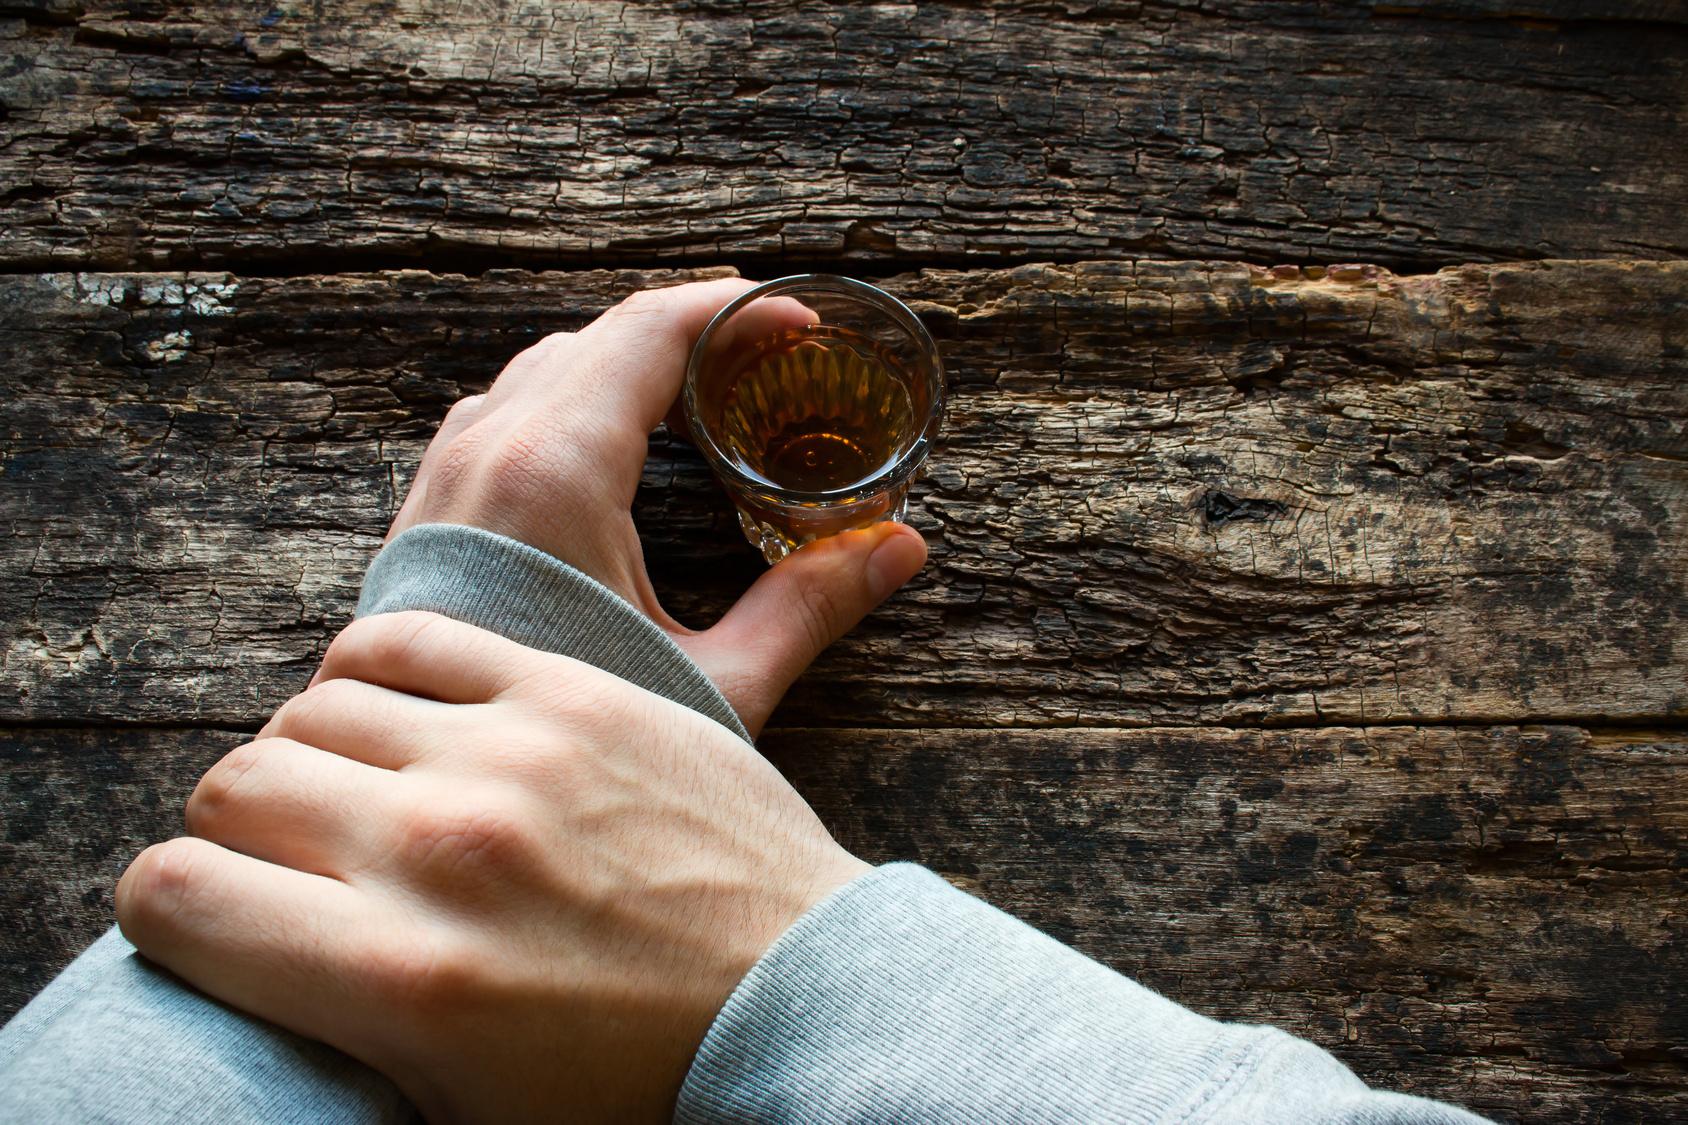 что пить чтобы избавиться от паразитов